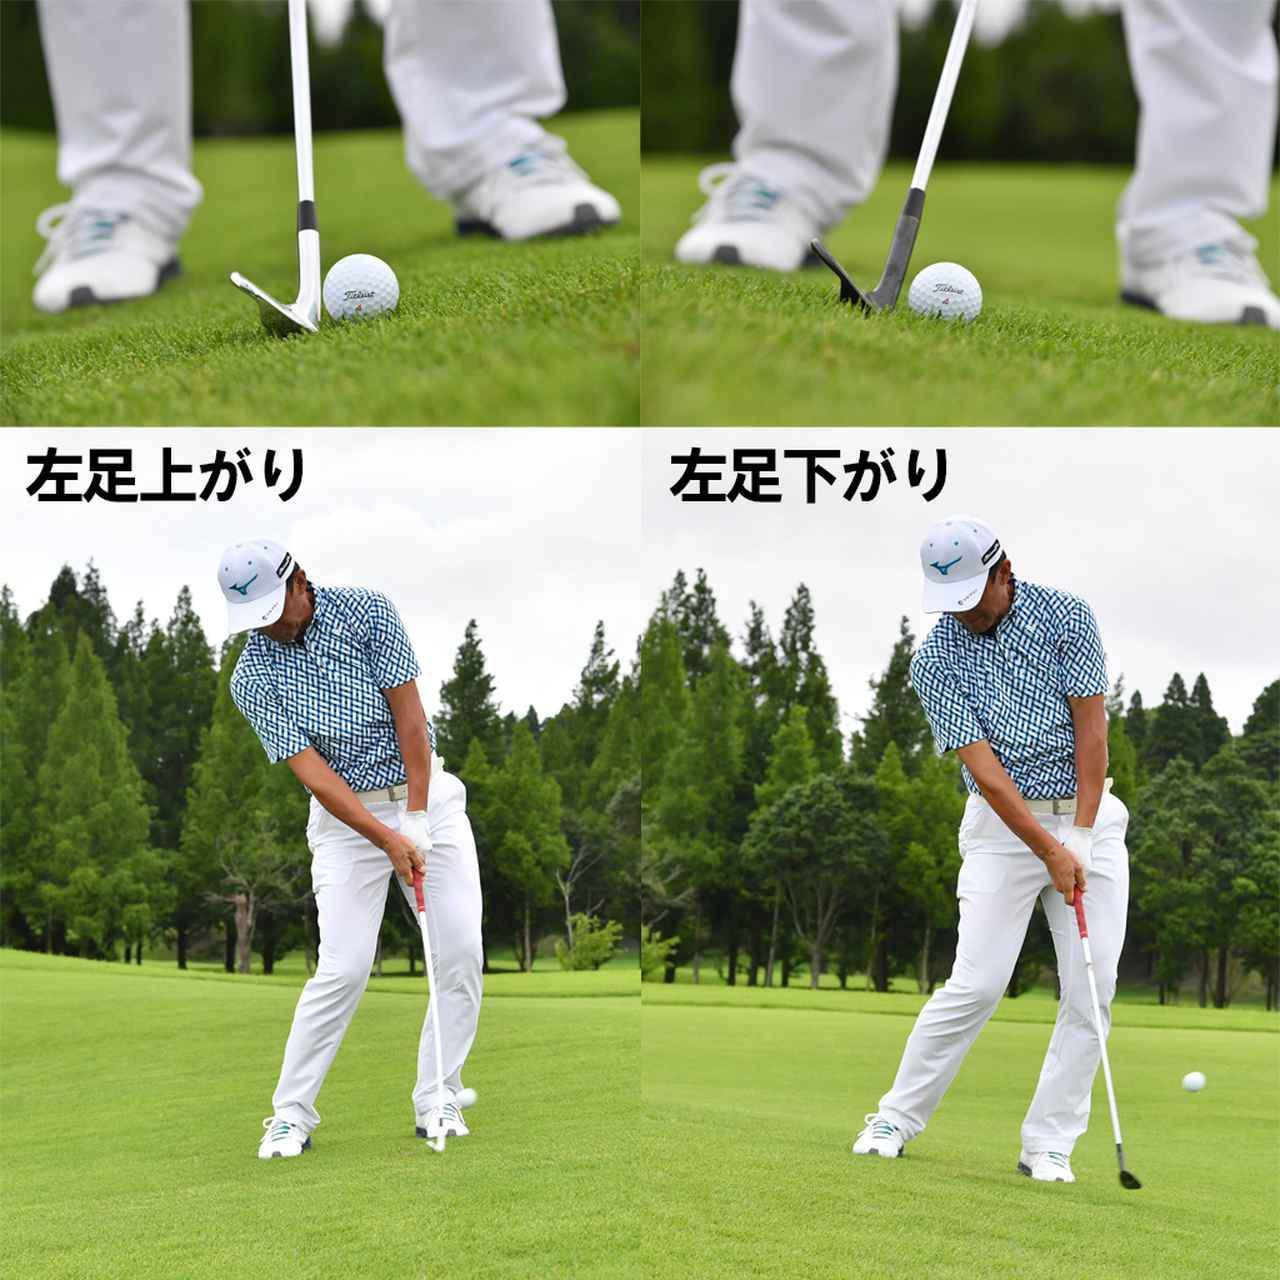 画像: (左)自然に距離が落ちる、(右)自然に距離が出る